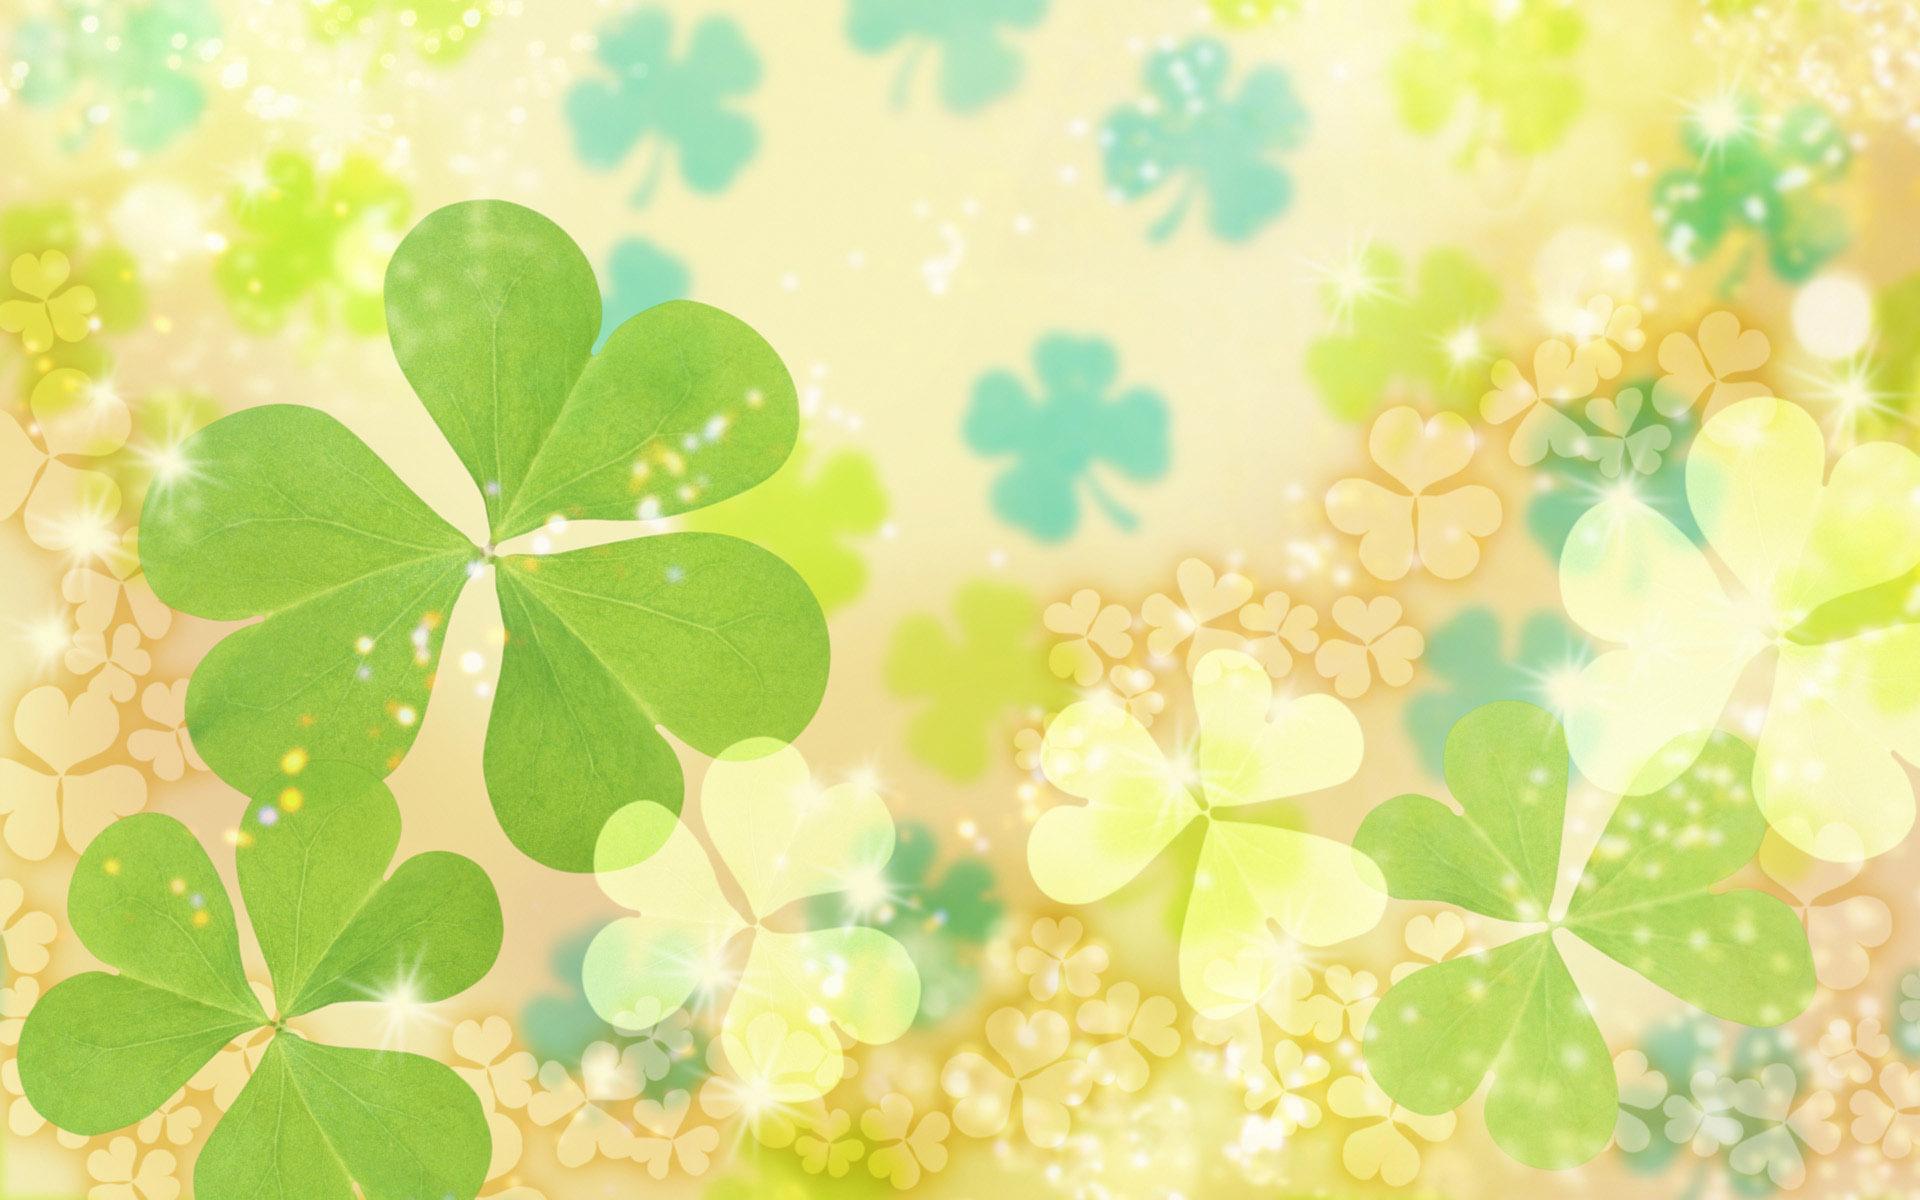 Light green leaf pattern background